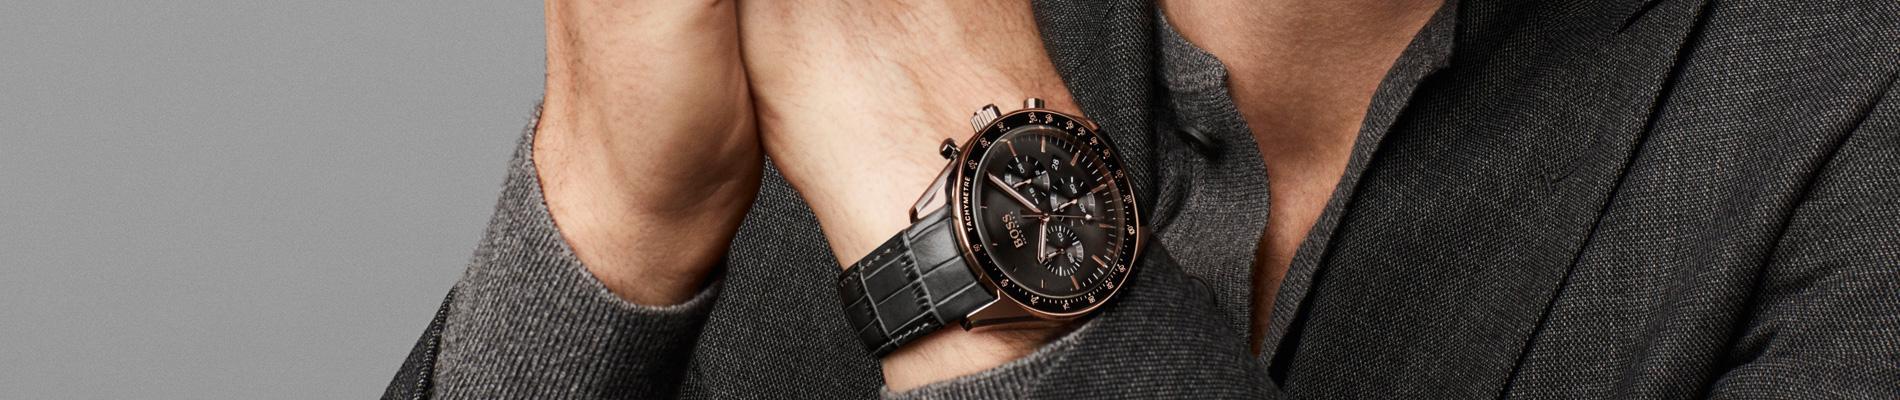 8d43b8f0f1d Hugo Boss watches FW18